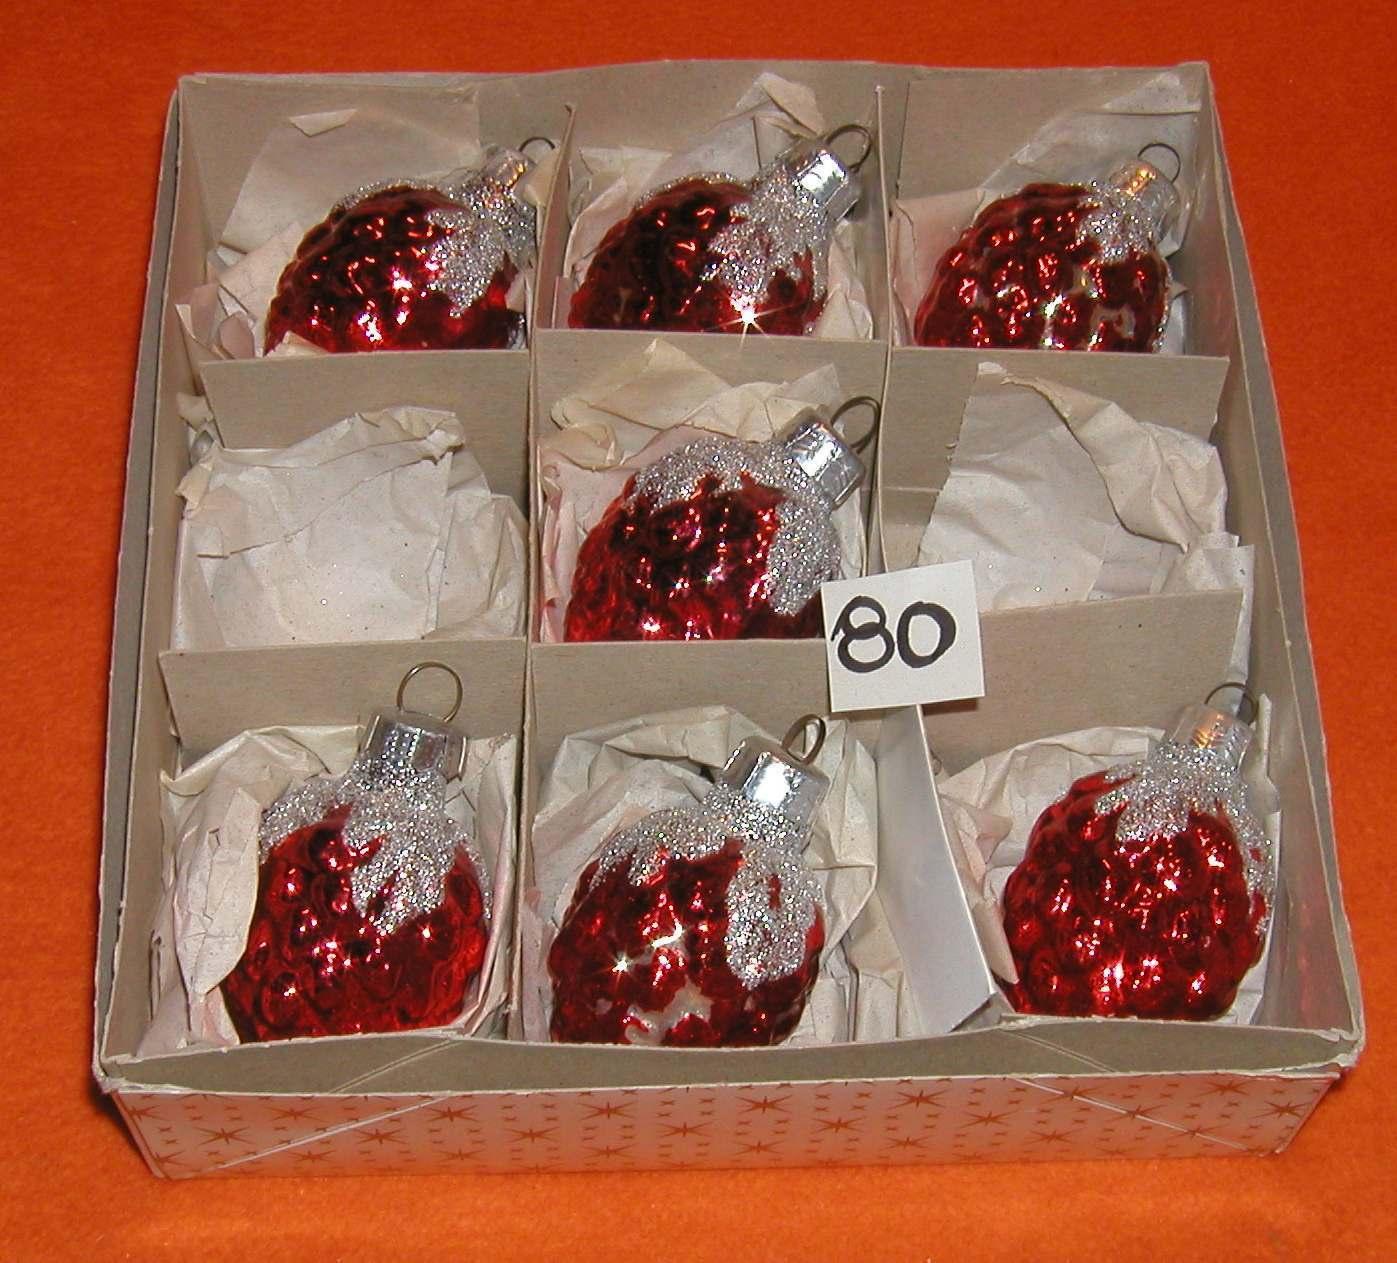 alter Christbaumschmuck Lauscha DDR 7 x Formteil Kugel Weihnachtsbaum CBS (Ku80)